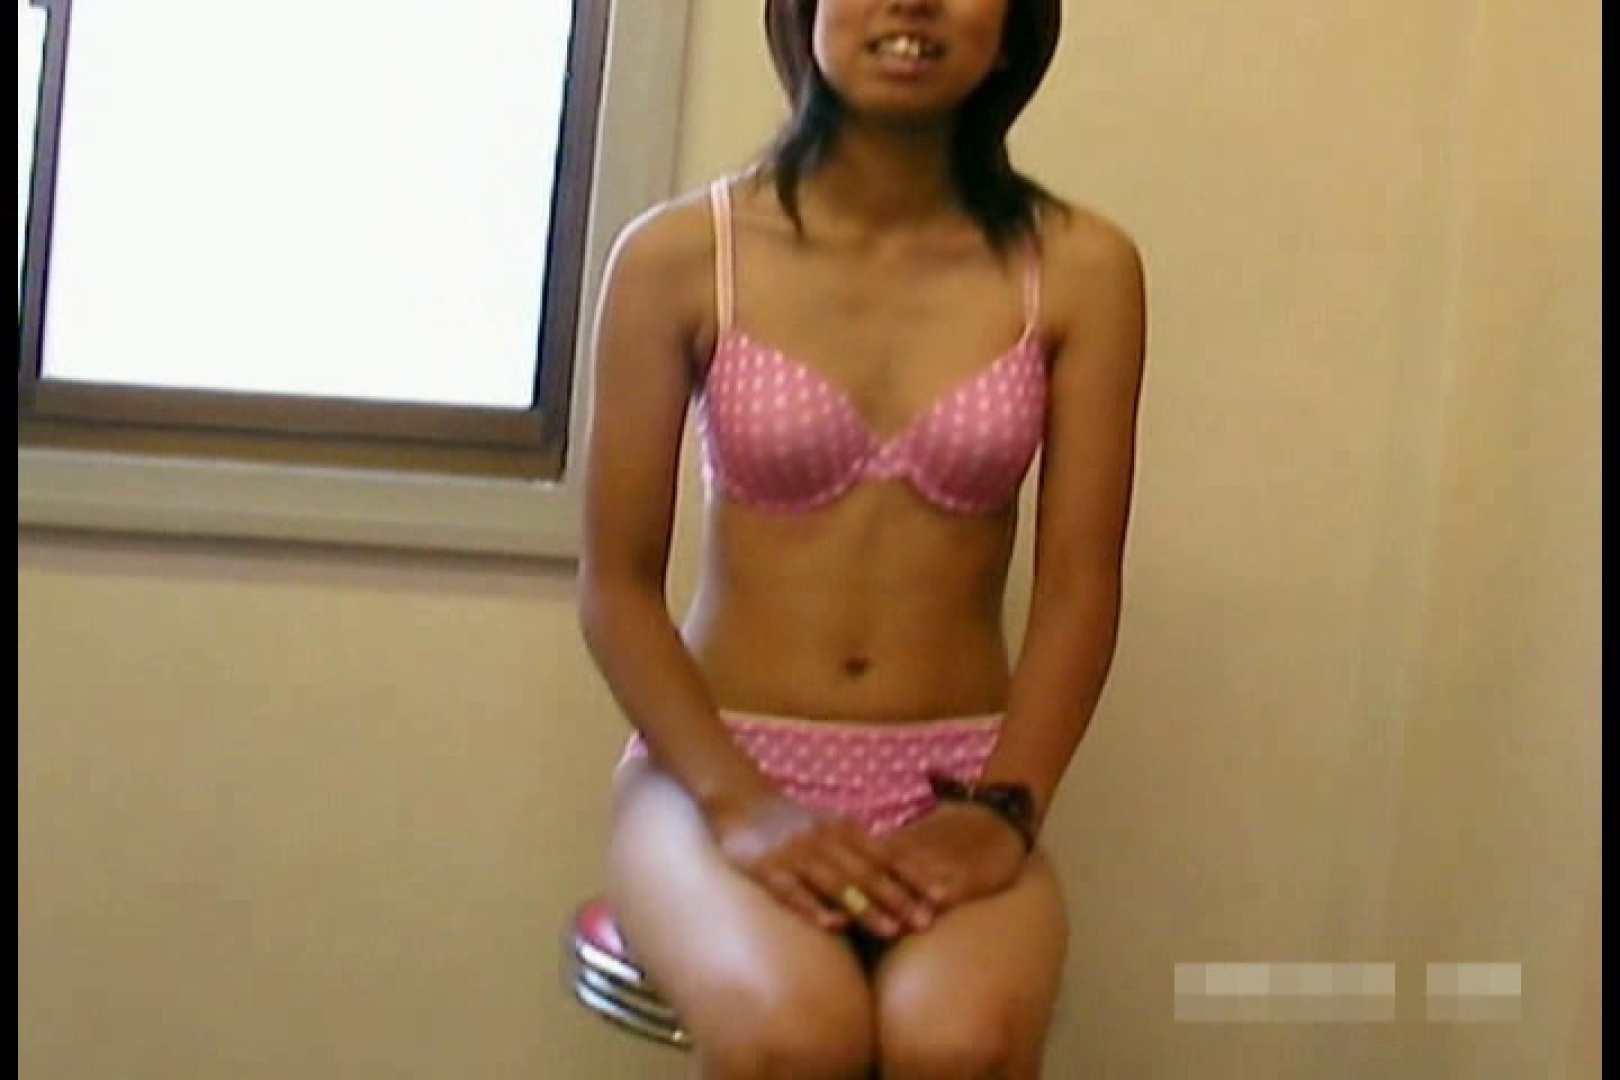 素人撮影 下着だけの撮影のはずが・・・エミちゃん18歳 オマンコ   マンコがいっぱい  65pic 19